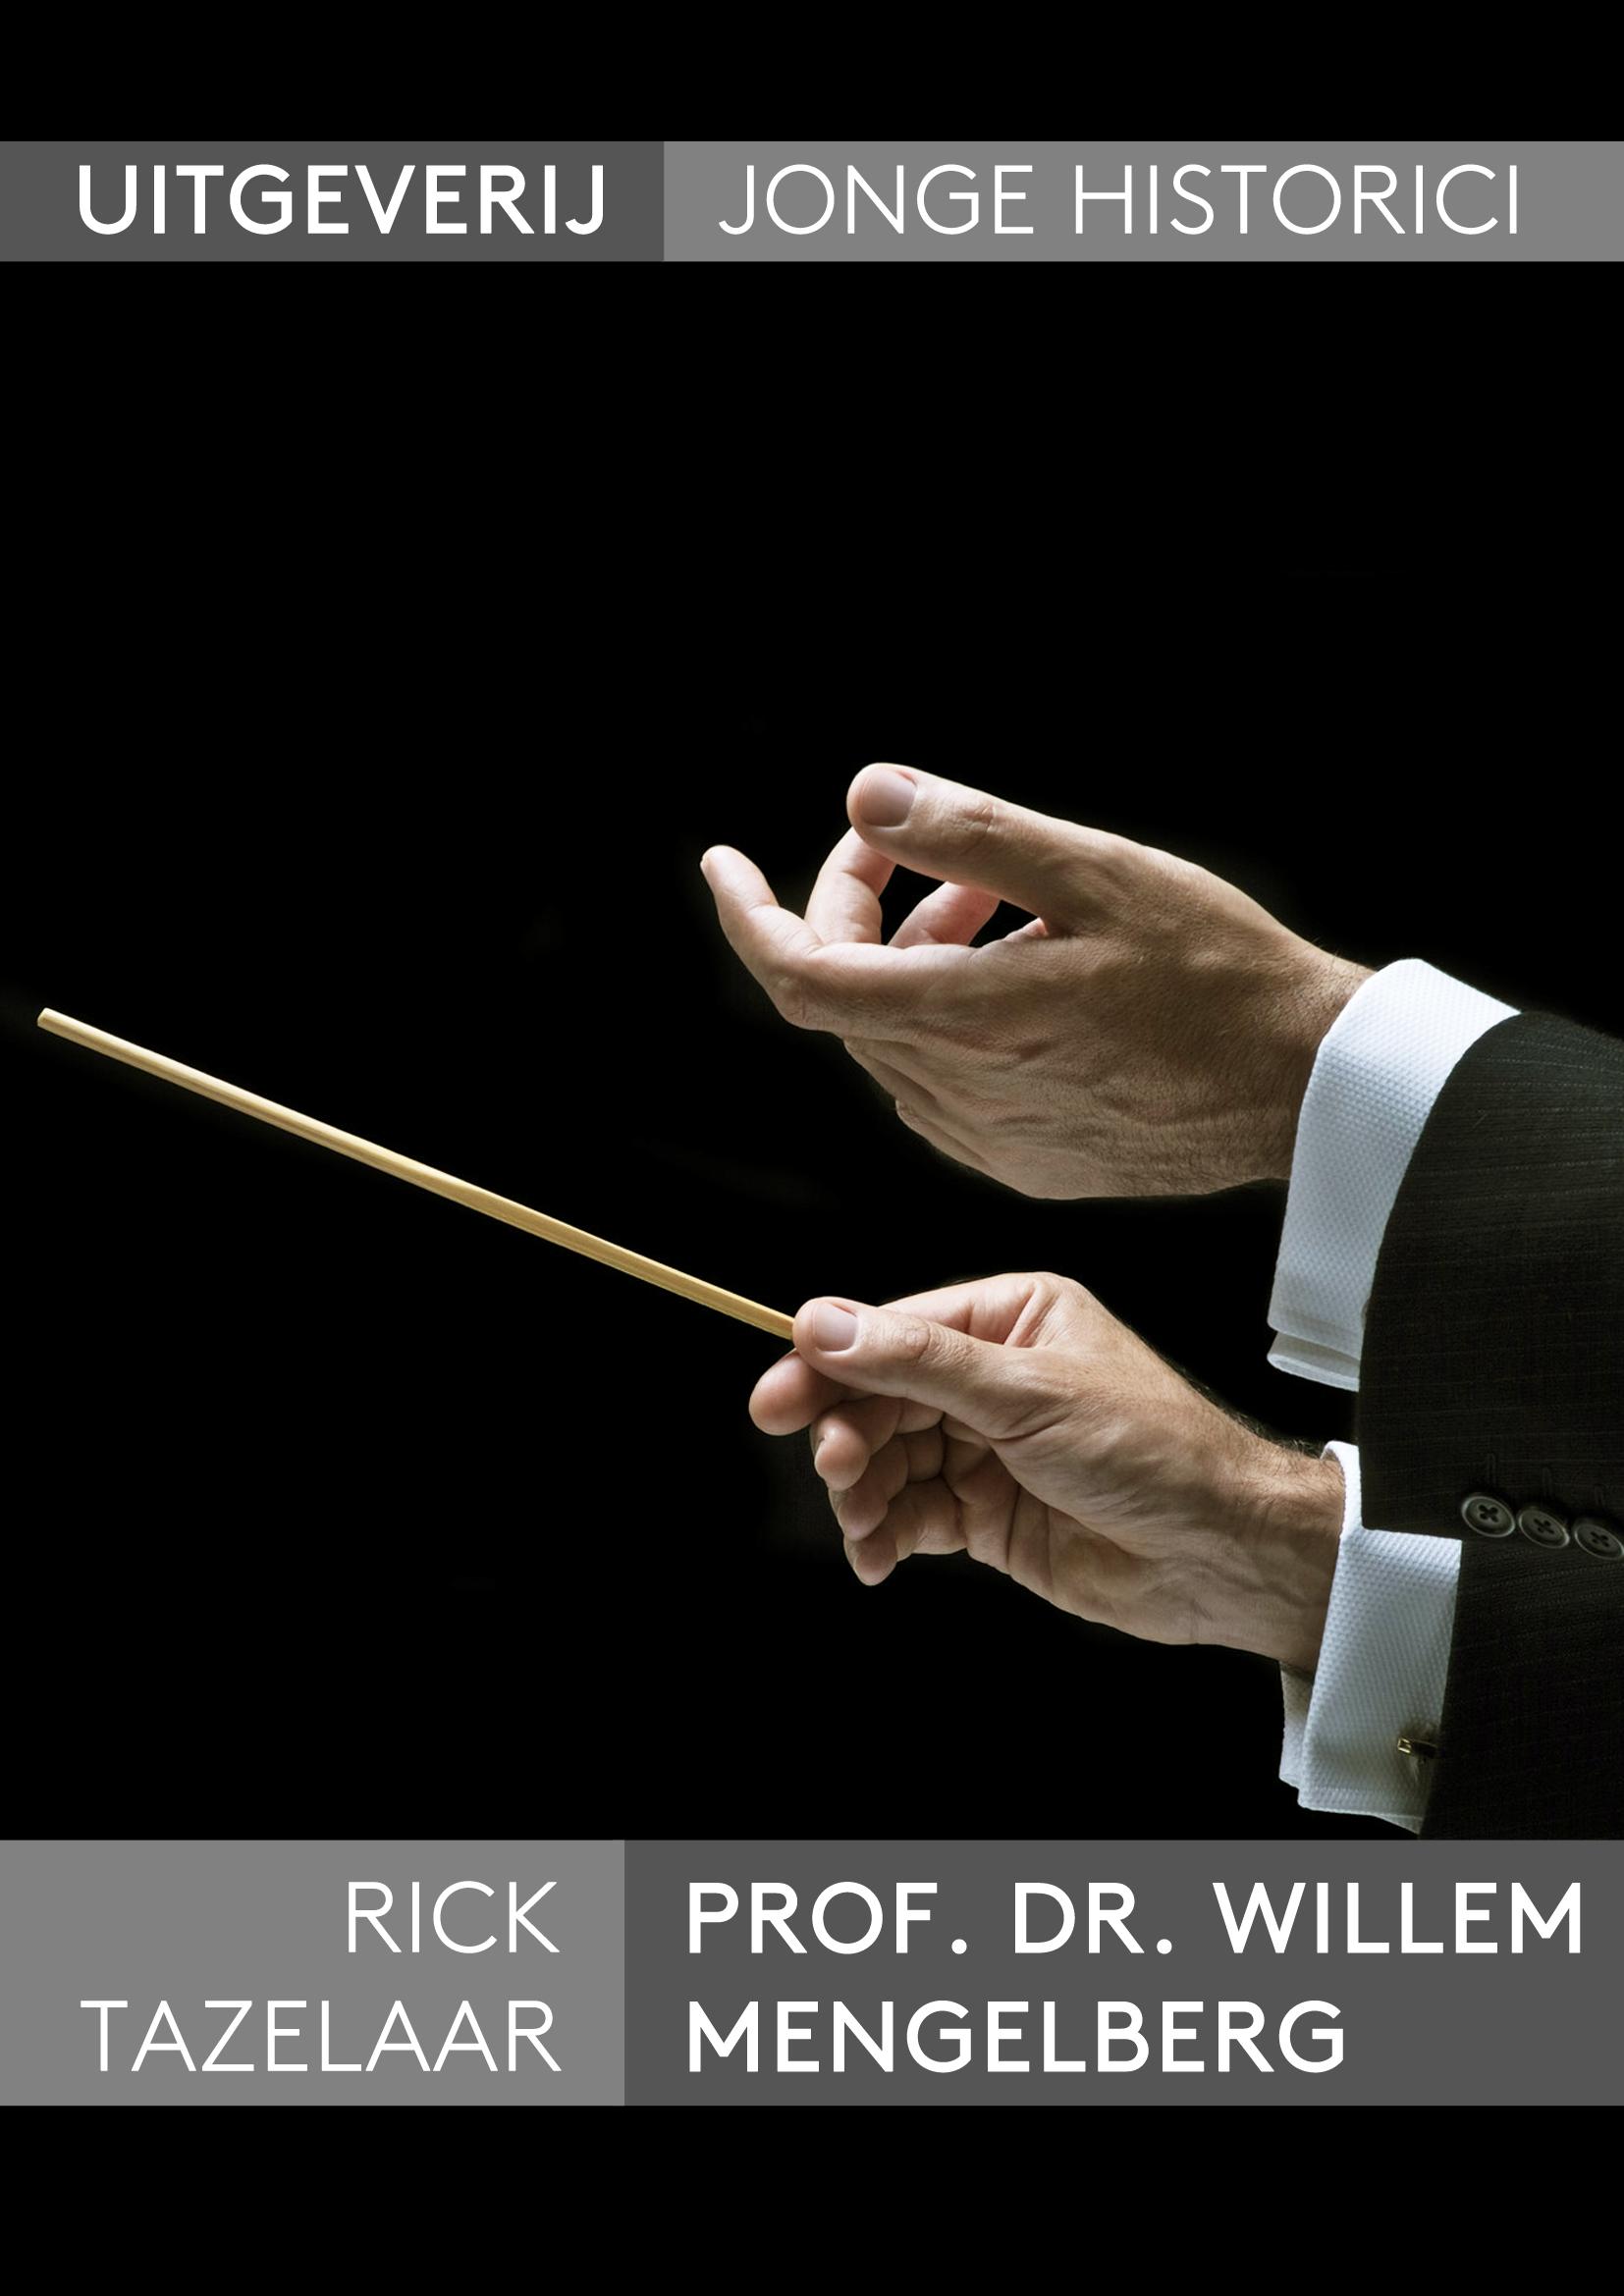 Rick Tazelaar, Prof. dr. Willem Mengelberg, het tragische heldenleben van een dirigent 1871-1951